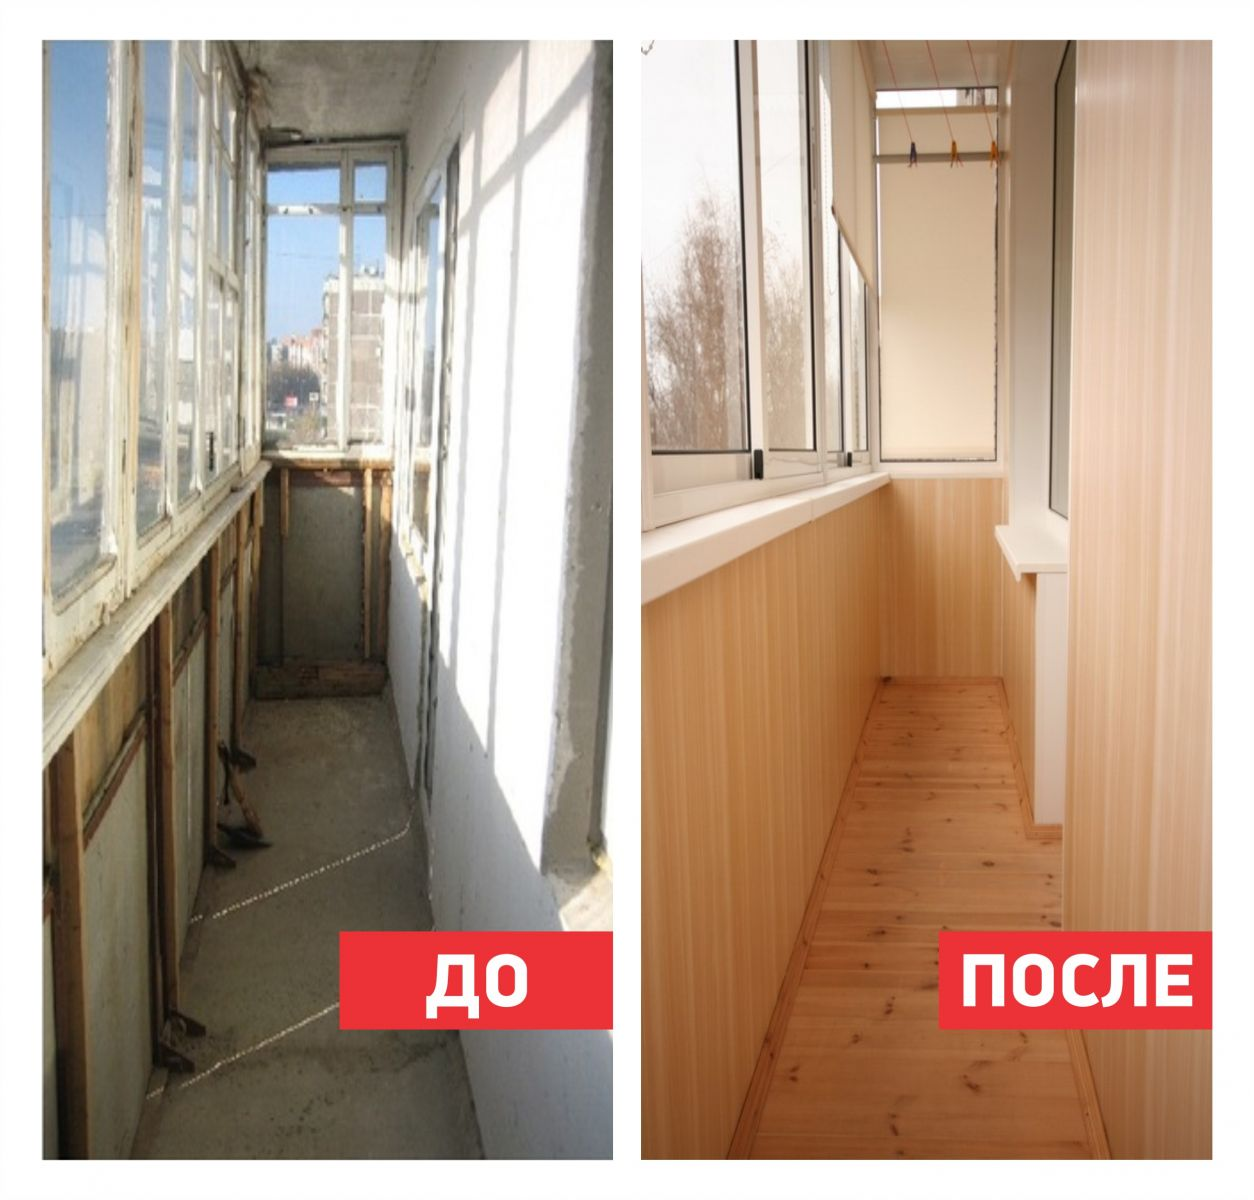 Обустройство и утепление балкона - независимый информационно.